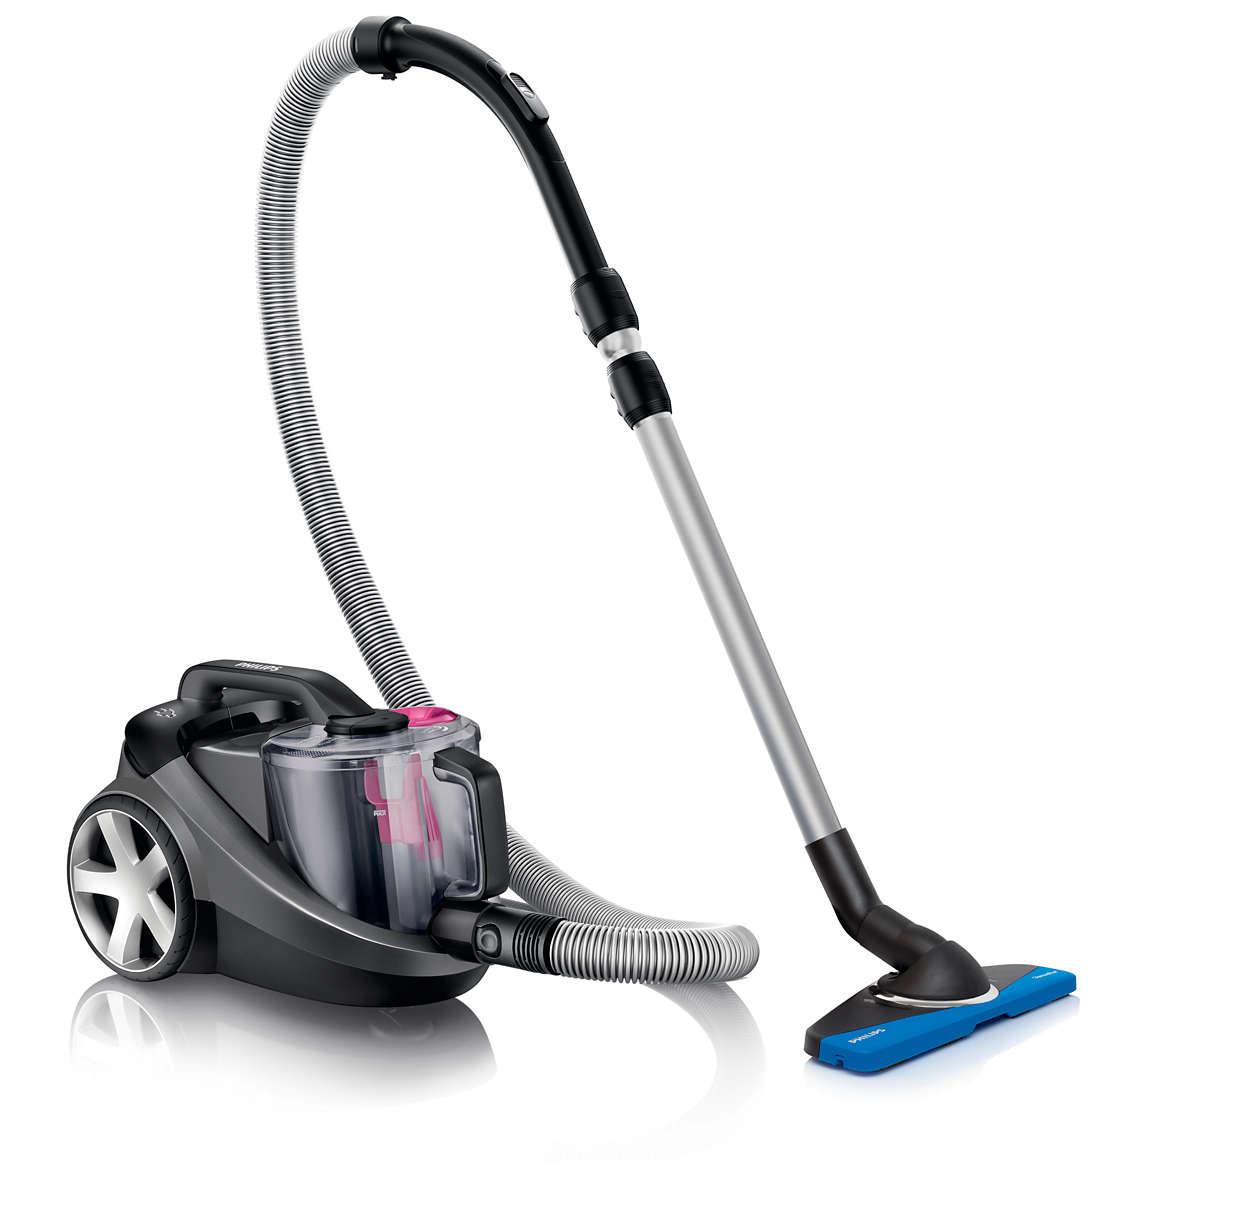 Събира 40% повече прах* за по-добро почистване